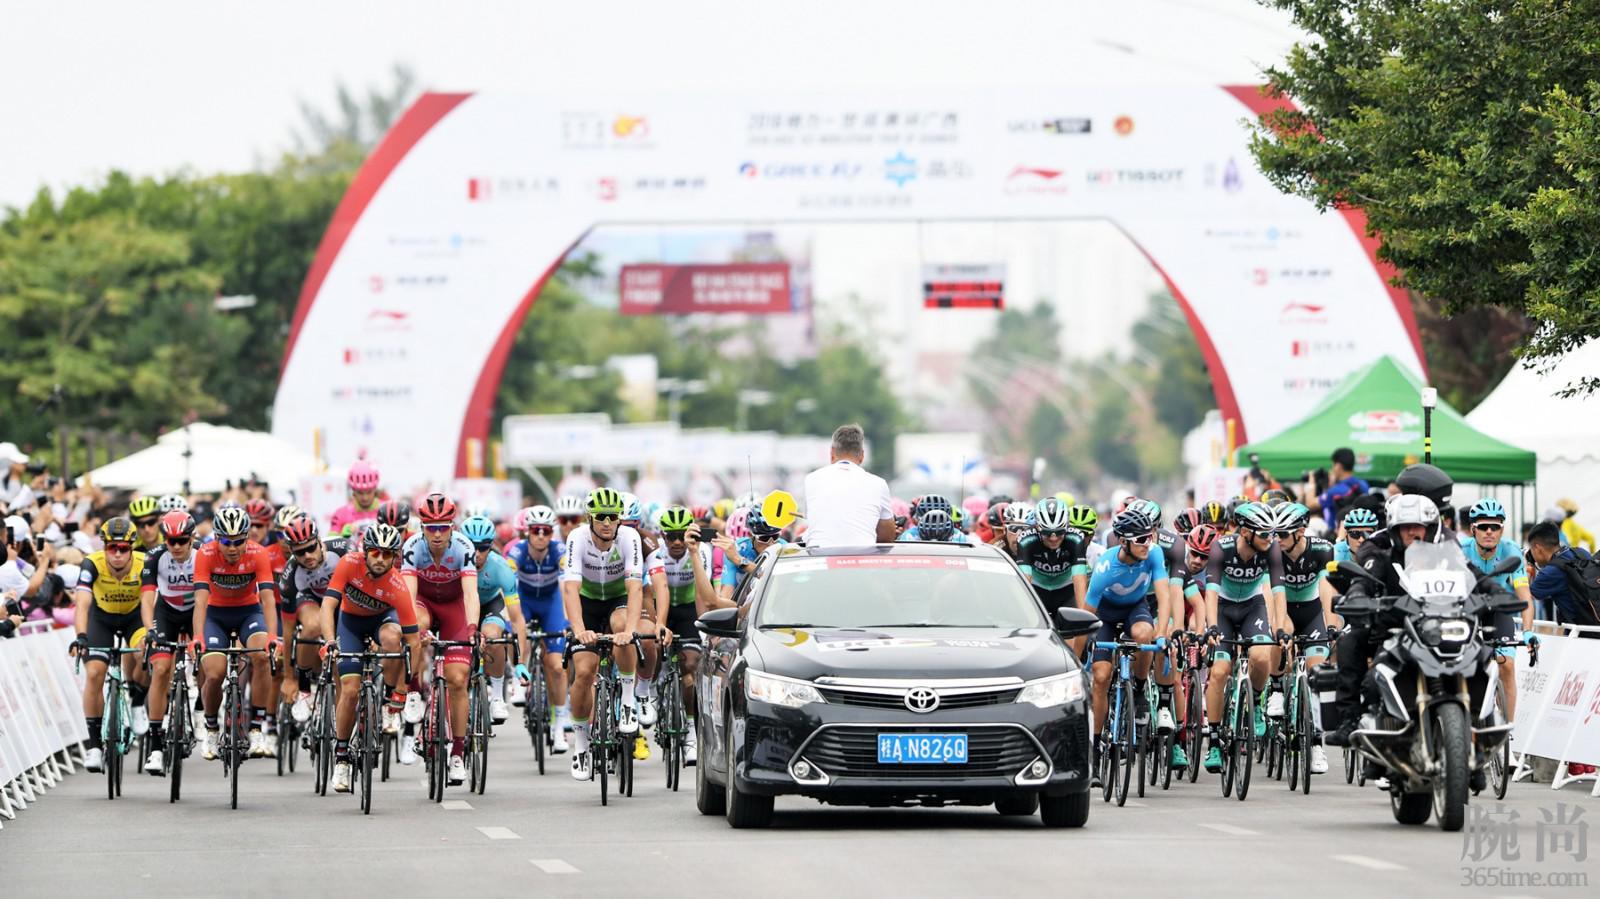 图2:环广西公路自行车世巡赛高手云集.jpg